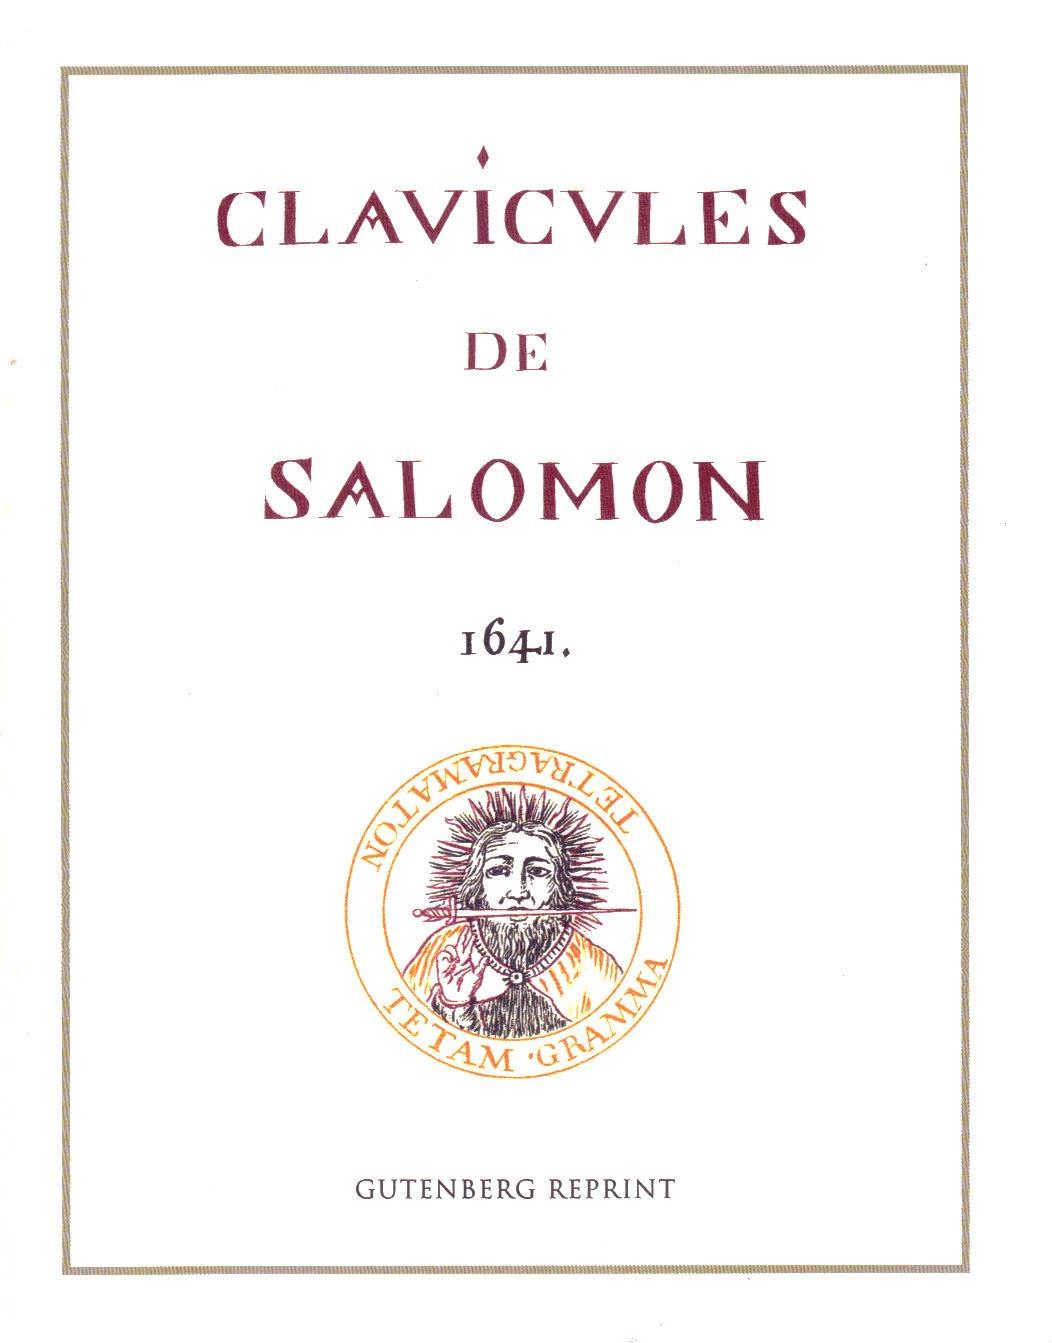 Clavicvles de Salomon